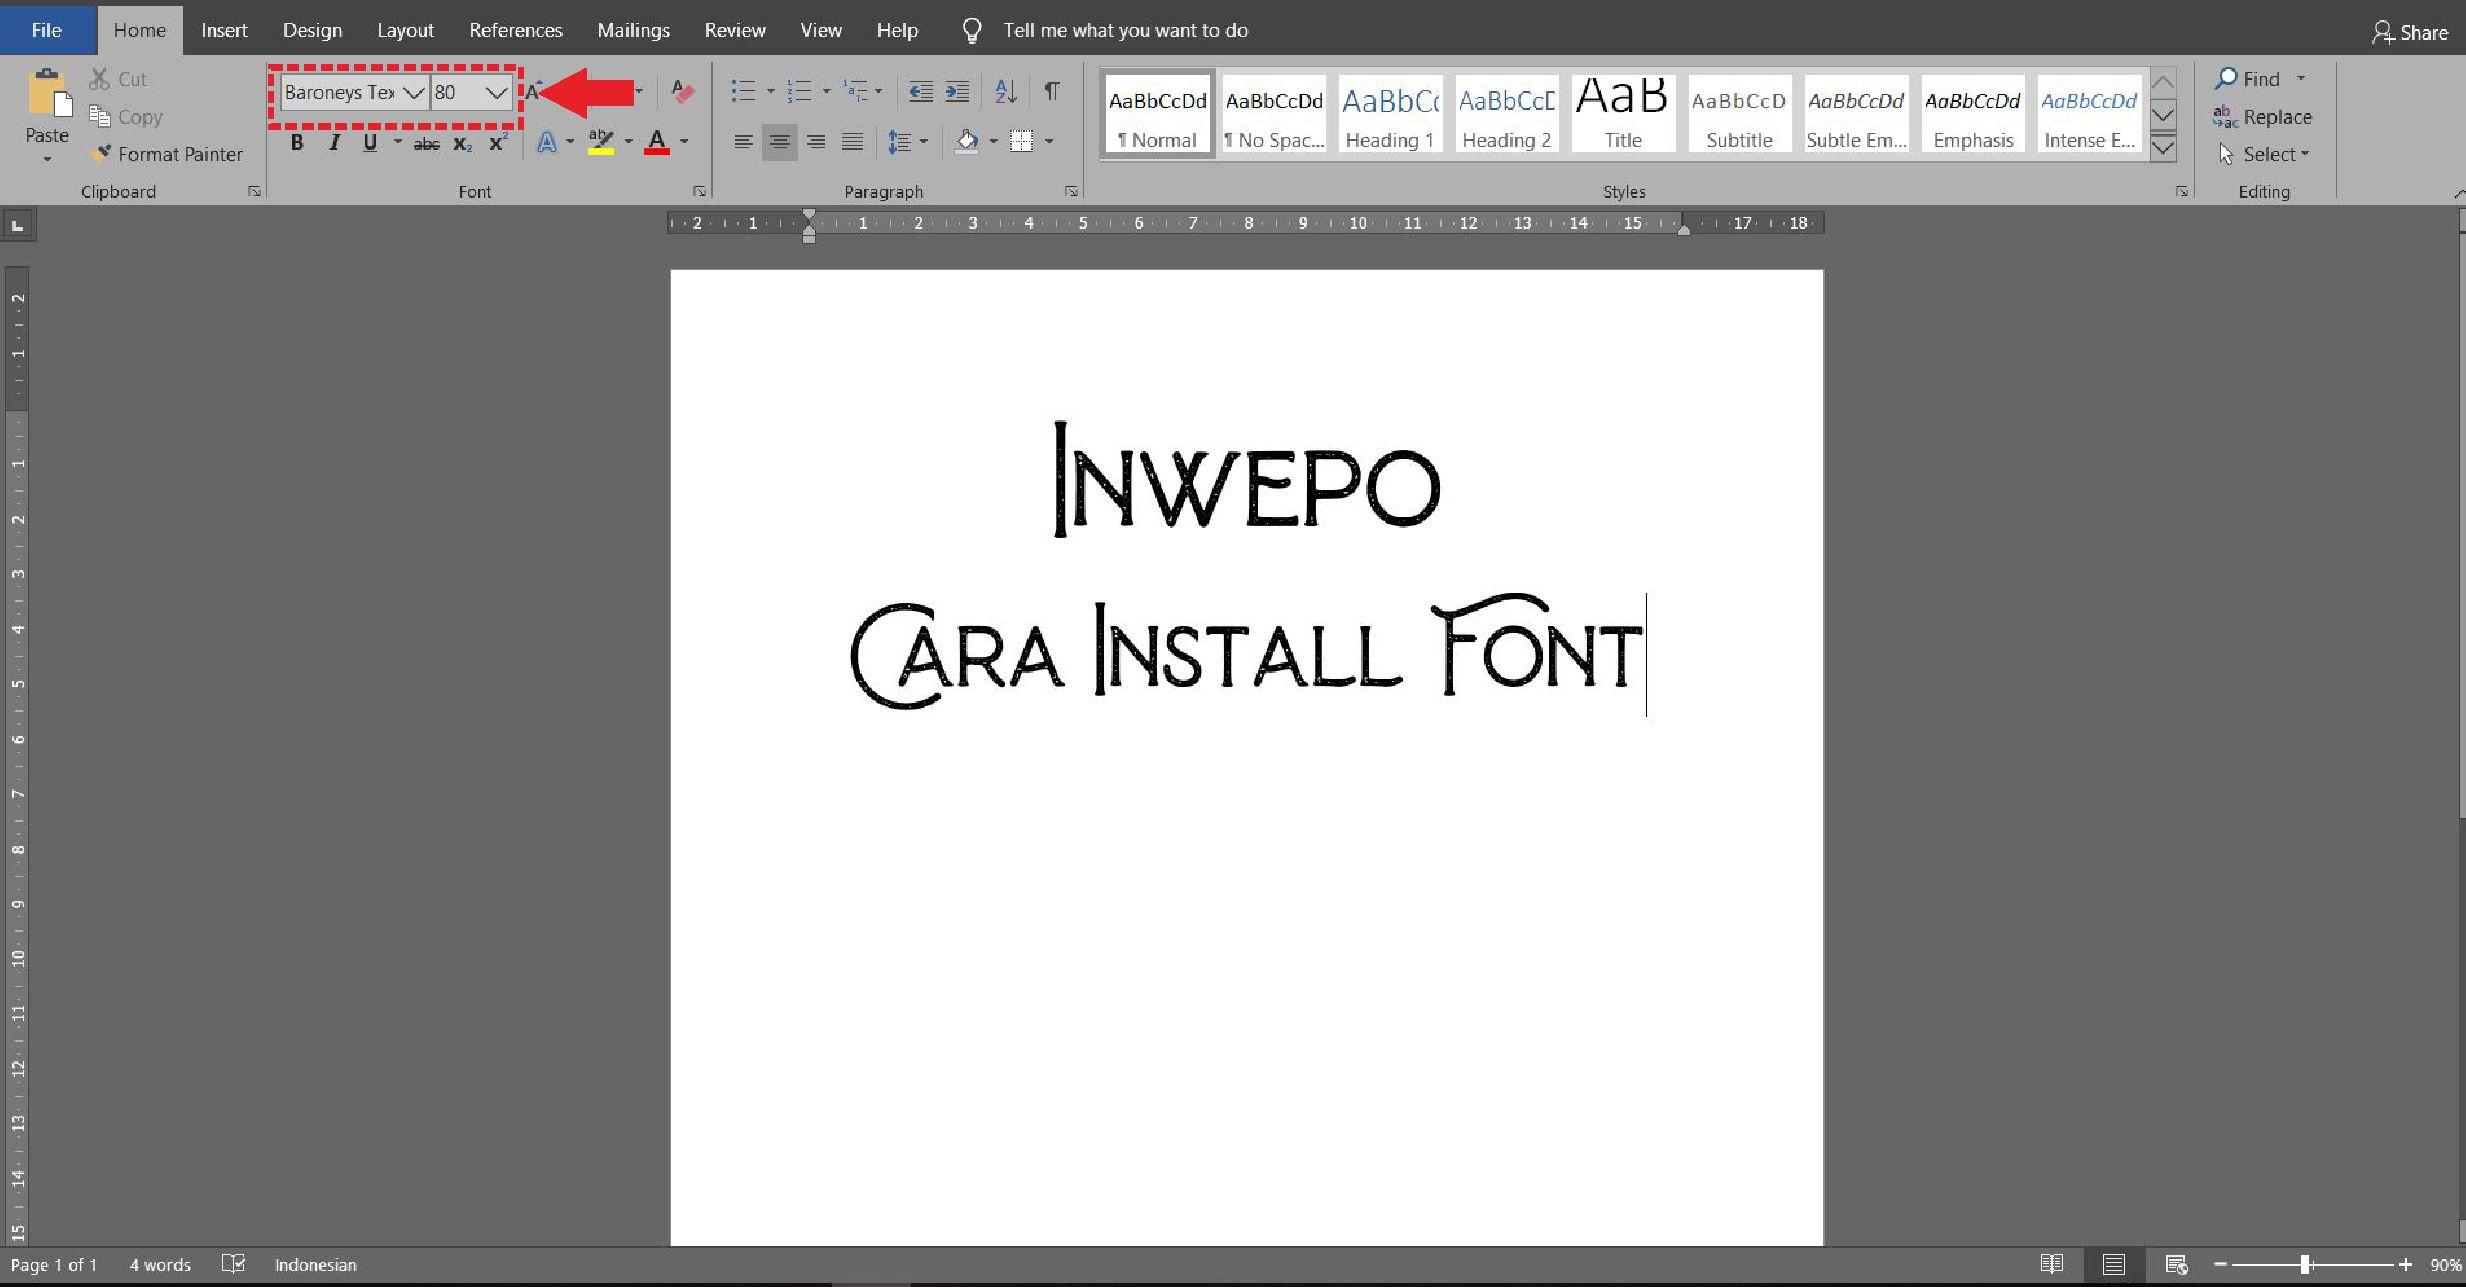 Cách cài đặt phông chữ mới trên máy tính xách tay / PC Windows 5